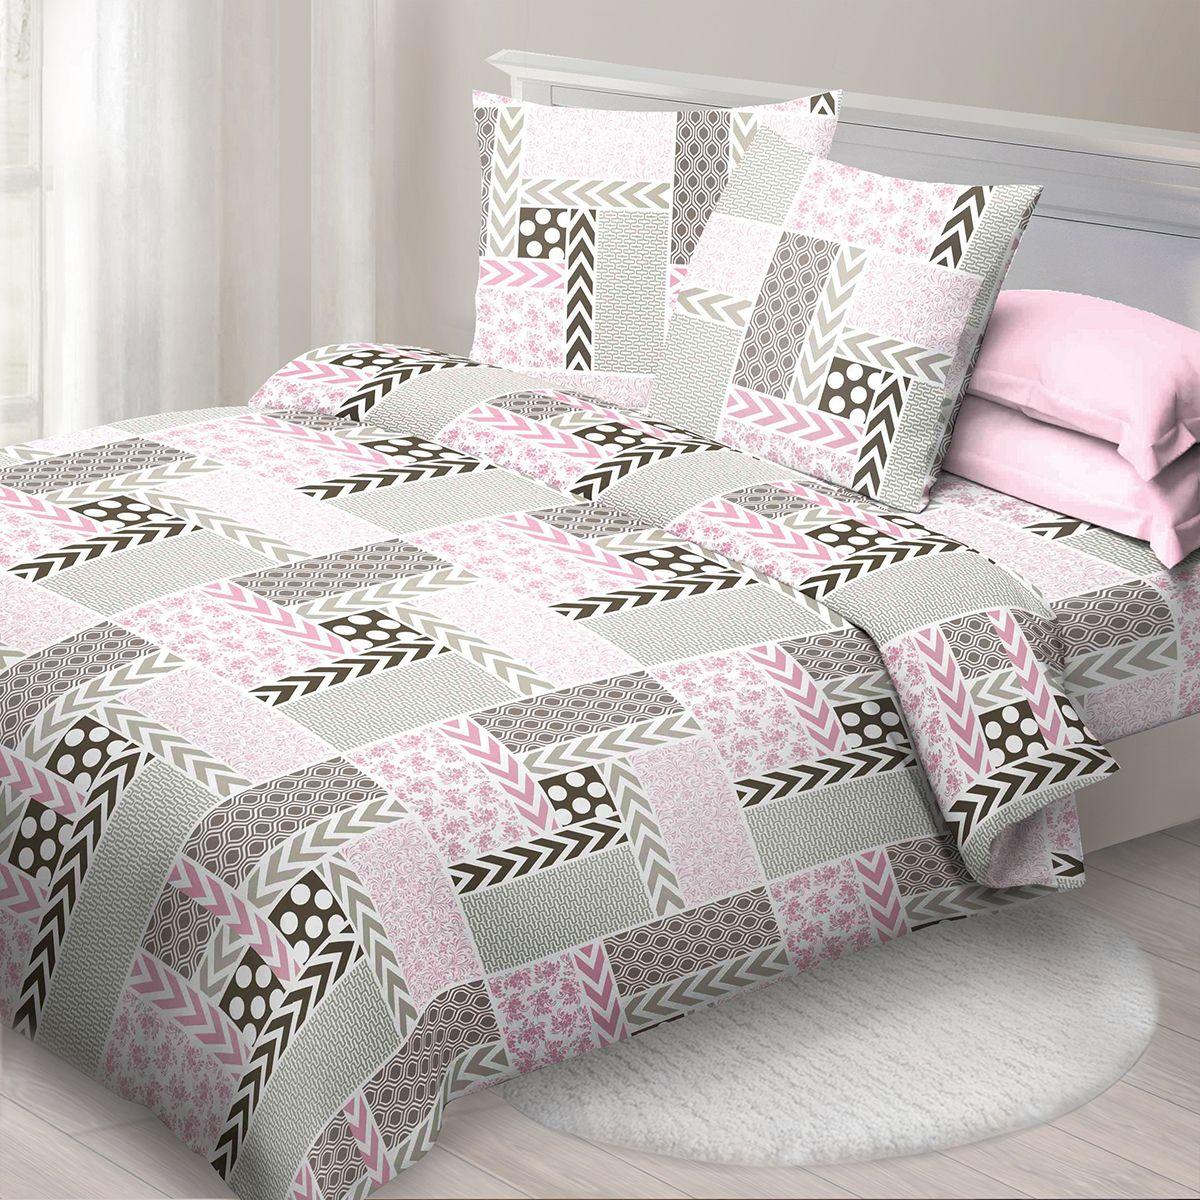 Комплект белья Спал Спалыч Палермо, 2-спальное, наволочки 70x70, цвет: розовый90881Спал Спалыч - недорогое, но качественное постельное белье из белорусской бязи. Актуальные дизайны, авторская упаковка в сочетании с качественными материалами и приемлемой ценой - залог успеха Спал Спалыча! В ассортименте широкая линейка домашнего текстиля для всей семьи - современные дизайны современному покупателю! Ткань обработана по технологии PERFECT WAY - благодаря чему, она становится более гладкой и шелковистой. • Бязь Барановичи 100% хлопок • Плотность ткани - 125 гр/кв.м.